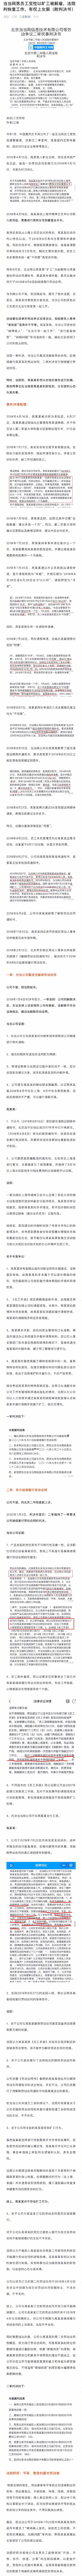 当当网技术部产品总监高某某经上海市精神卫生中心诊断为易性症